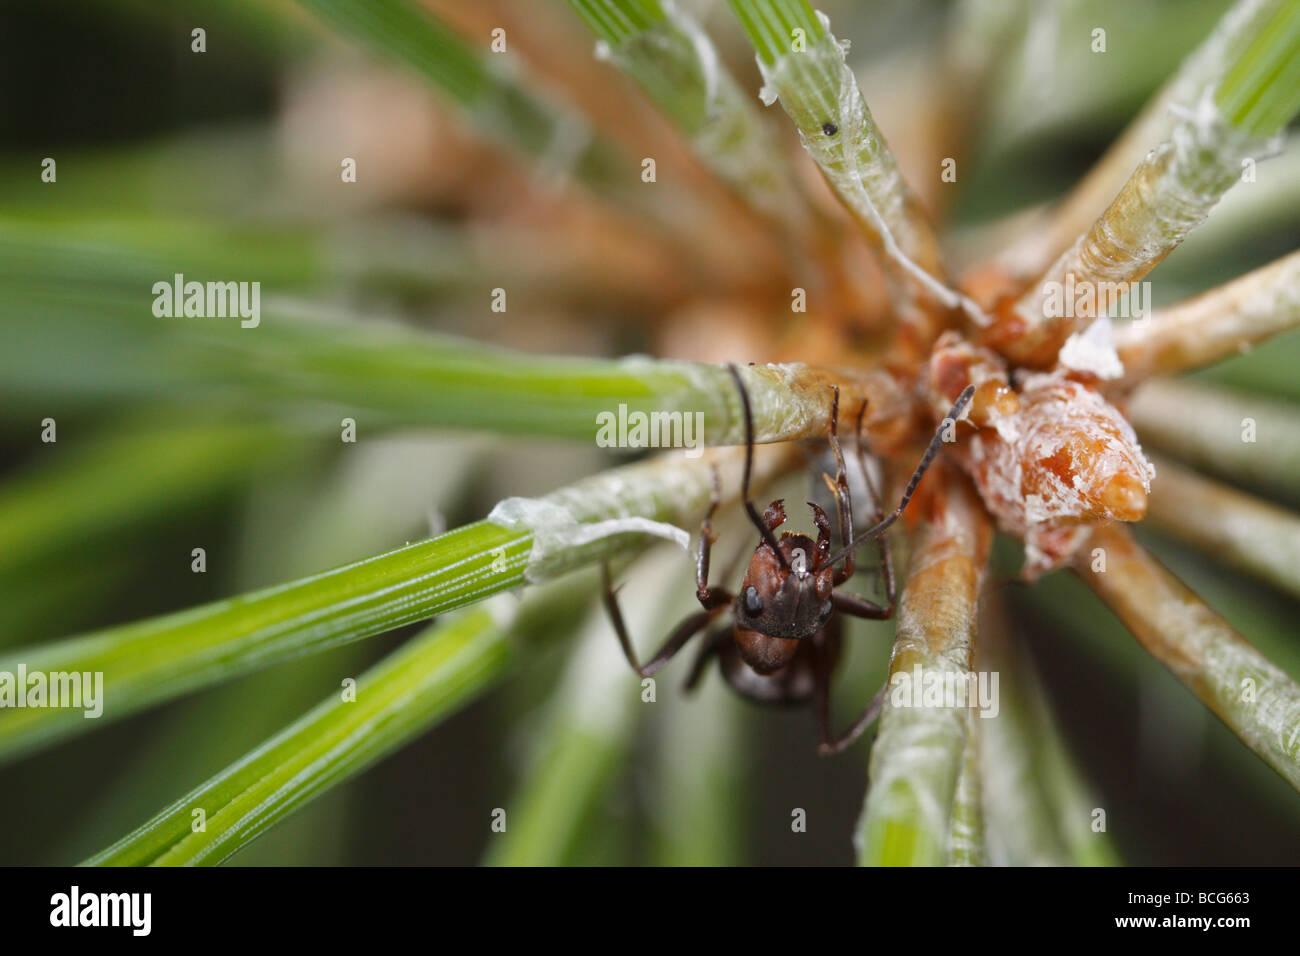 Caballo hormiga (Formica rufa) sobre una ramita de pino. El trabajador está defendiendo un pulgón que puede verse por debajo de ella. Foto de stock